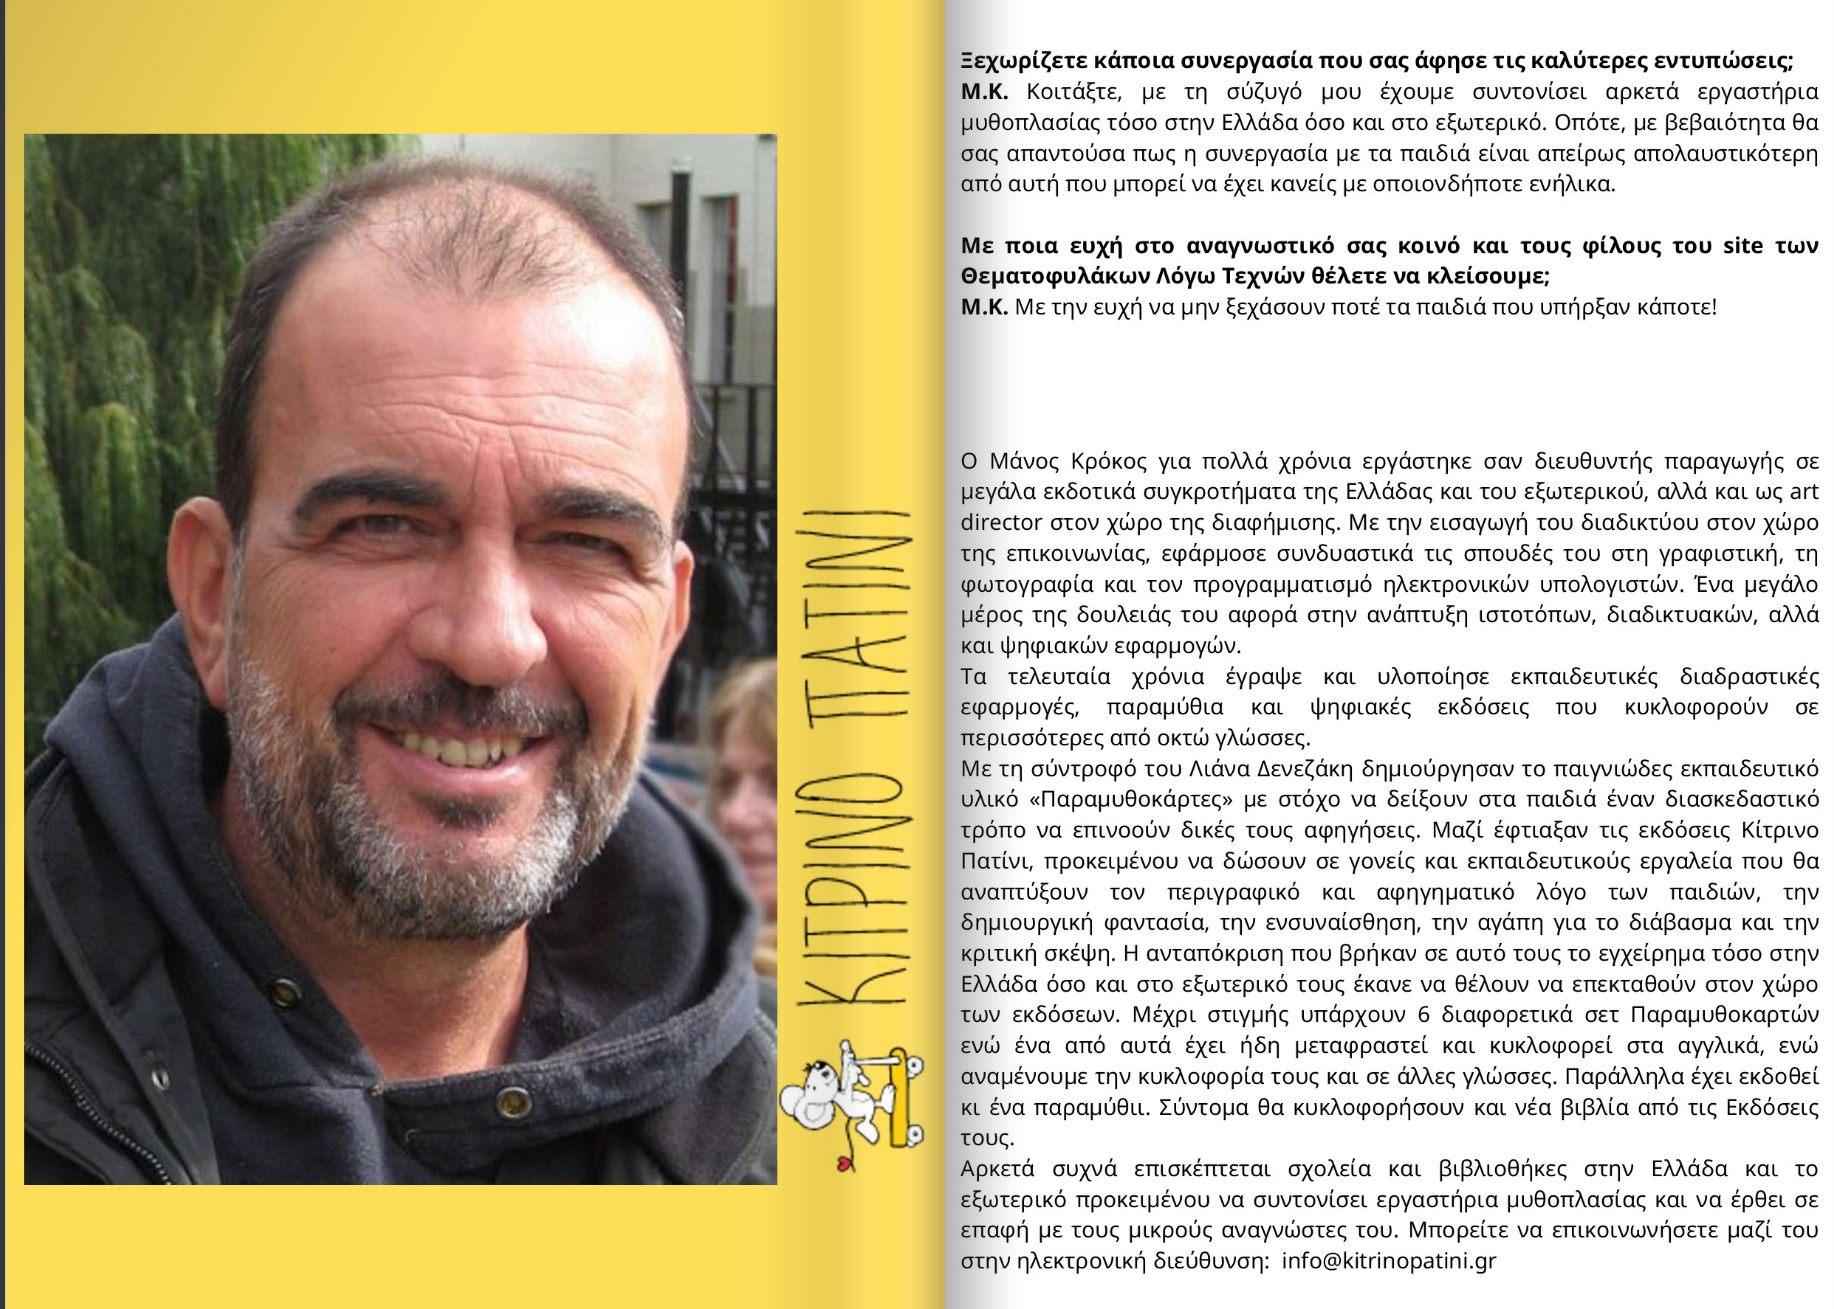 Συνέντευξη του Μάνου Κρόκου στο «Θεματοφύλακες λόγω τεχνών»